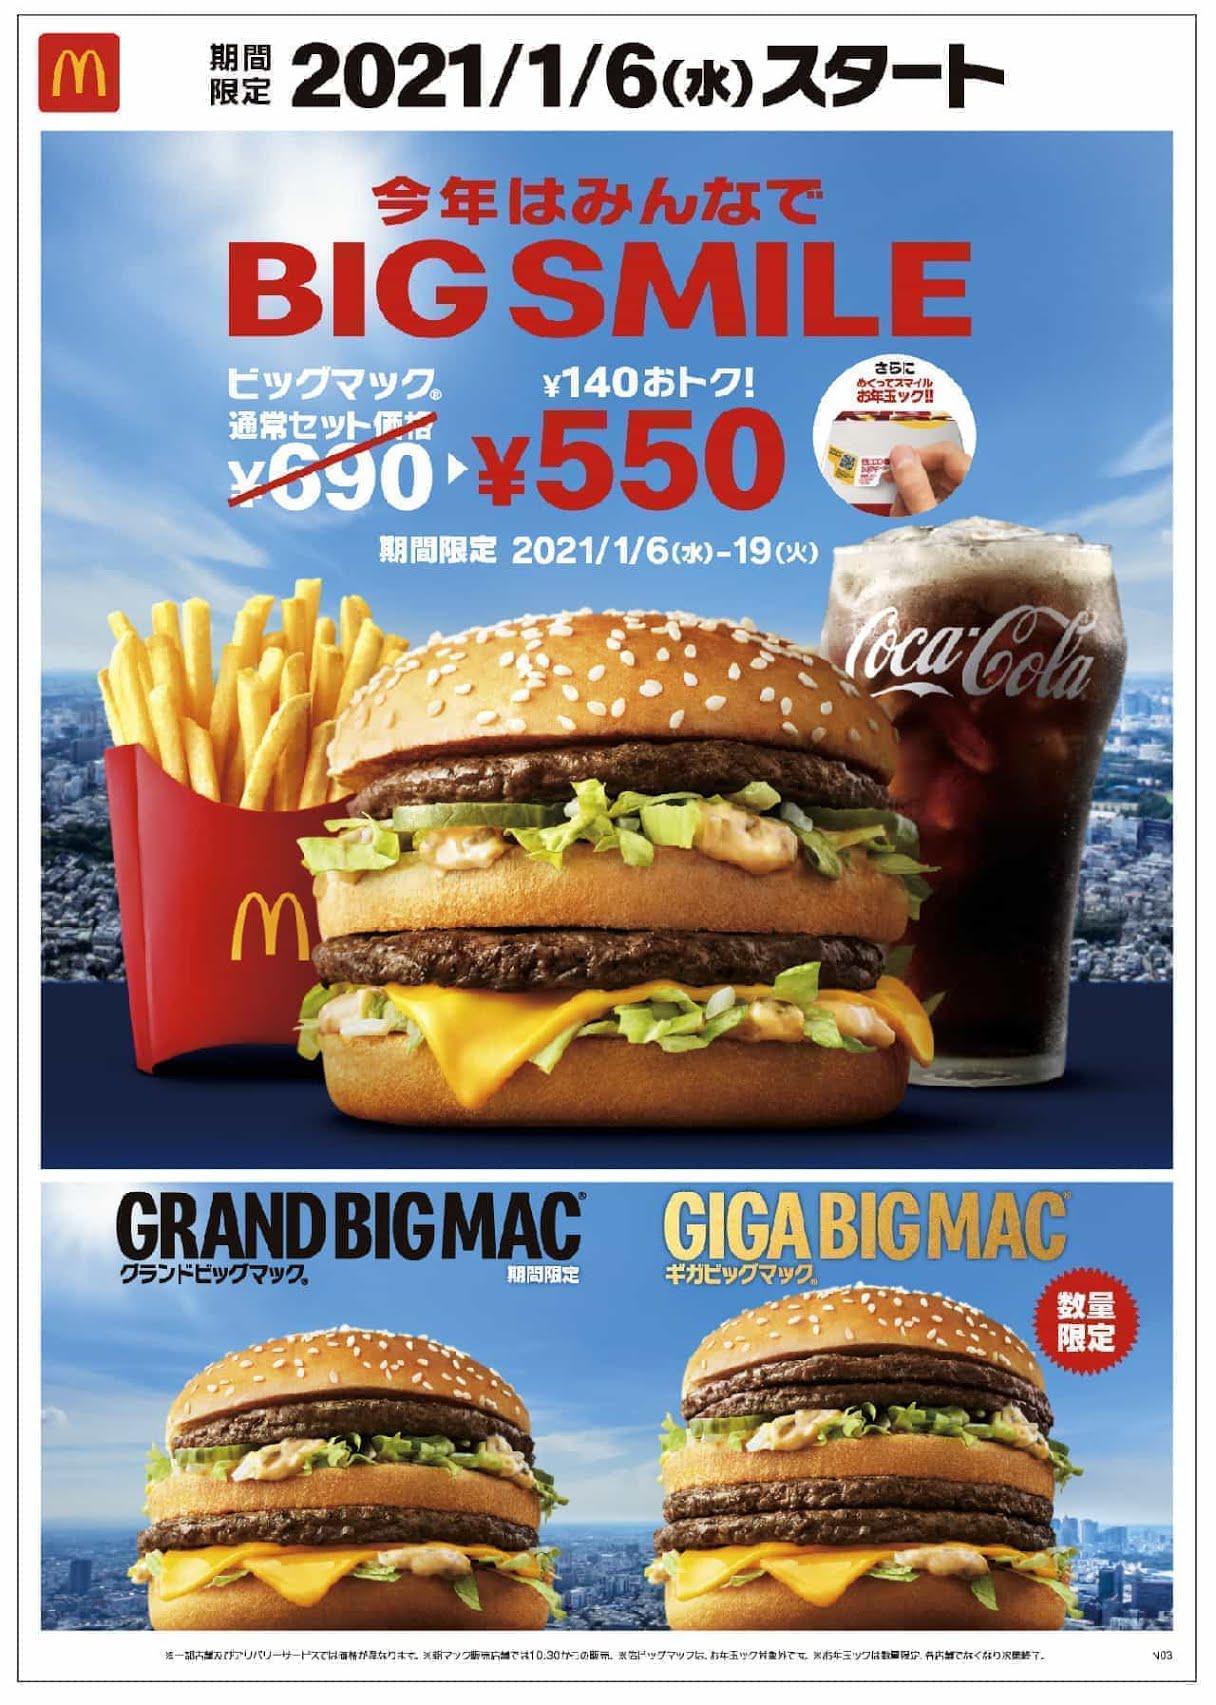 【1月6日から】マクドナルドのビッグマックが期間限定で激安販売